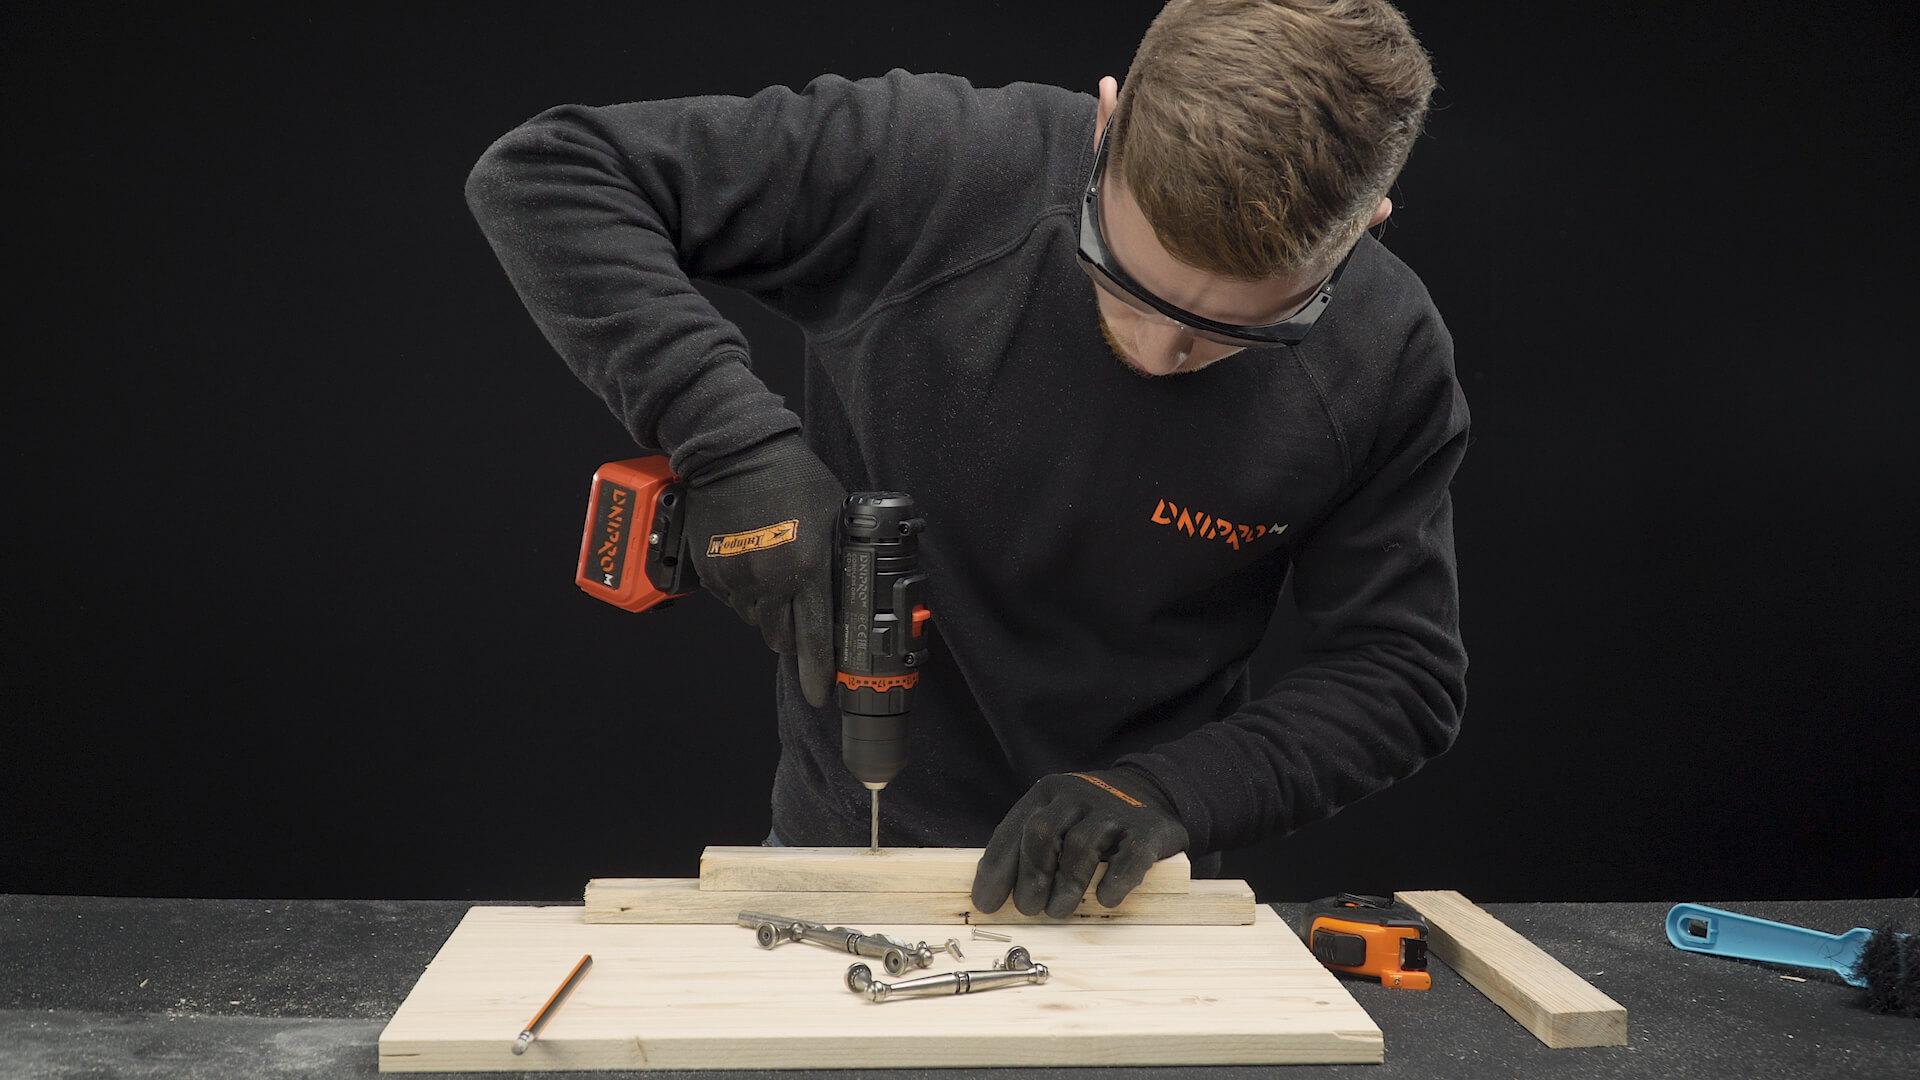 Фото-инструкция по изготовлению подноса своими руками - Шаг 9